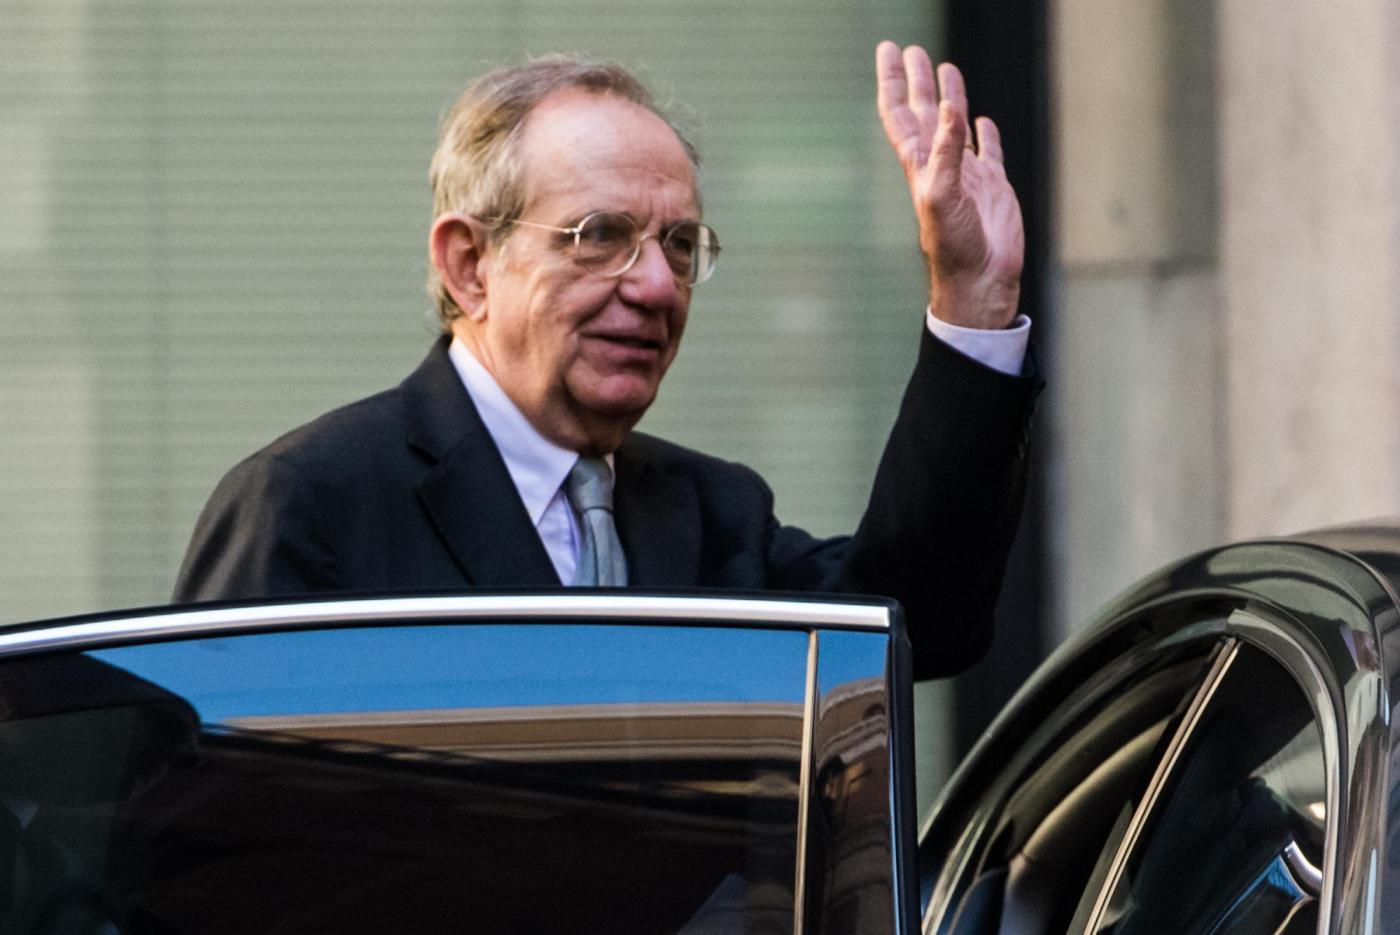 Chi è Pier Carlo Padoan, ministro dell'Economia del Governo Gentiloni